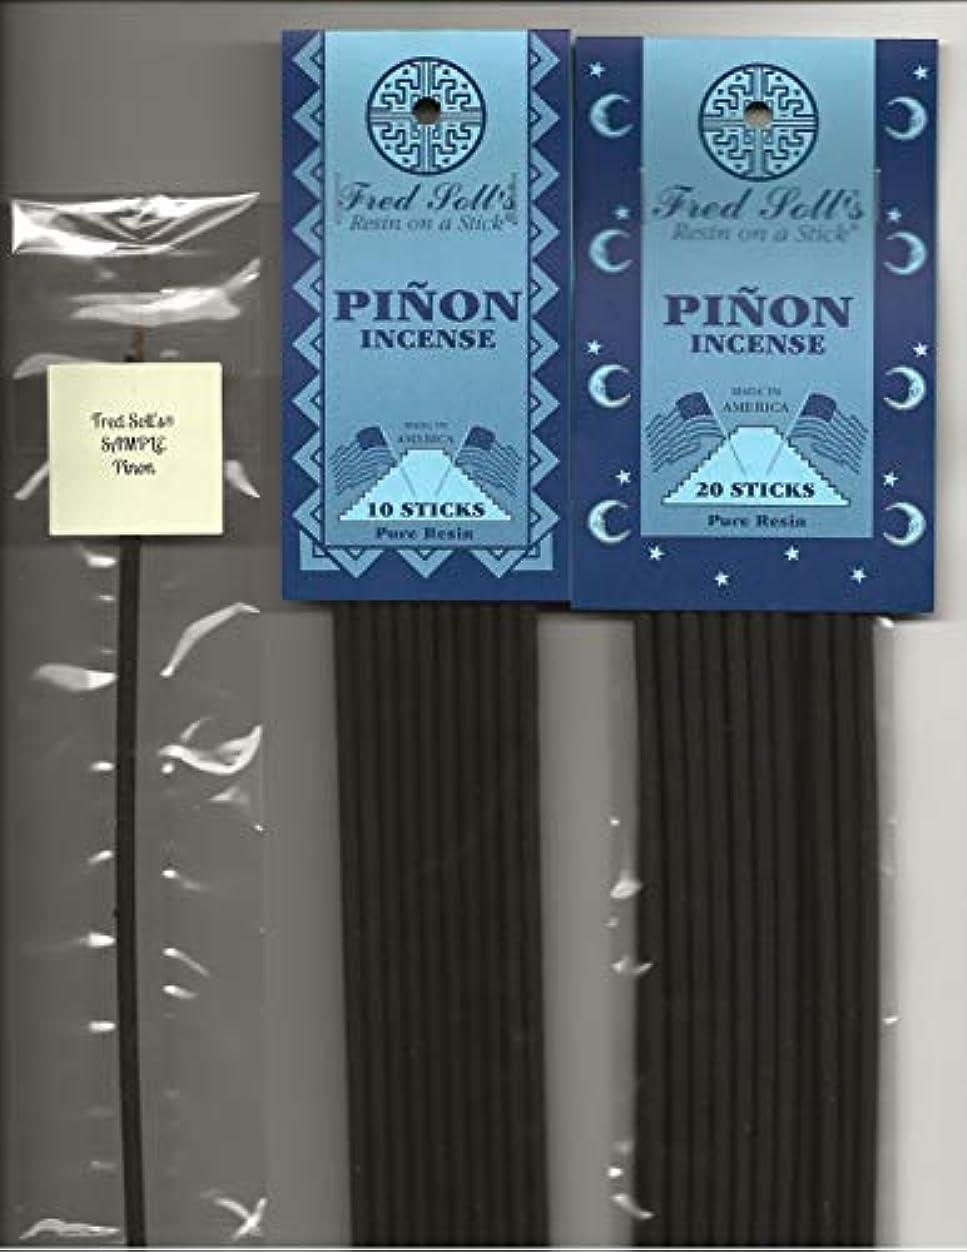 Fred Sollの松のお香、20 Sticks